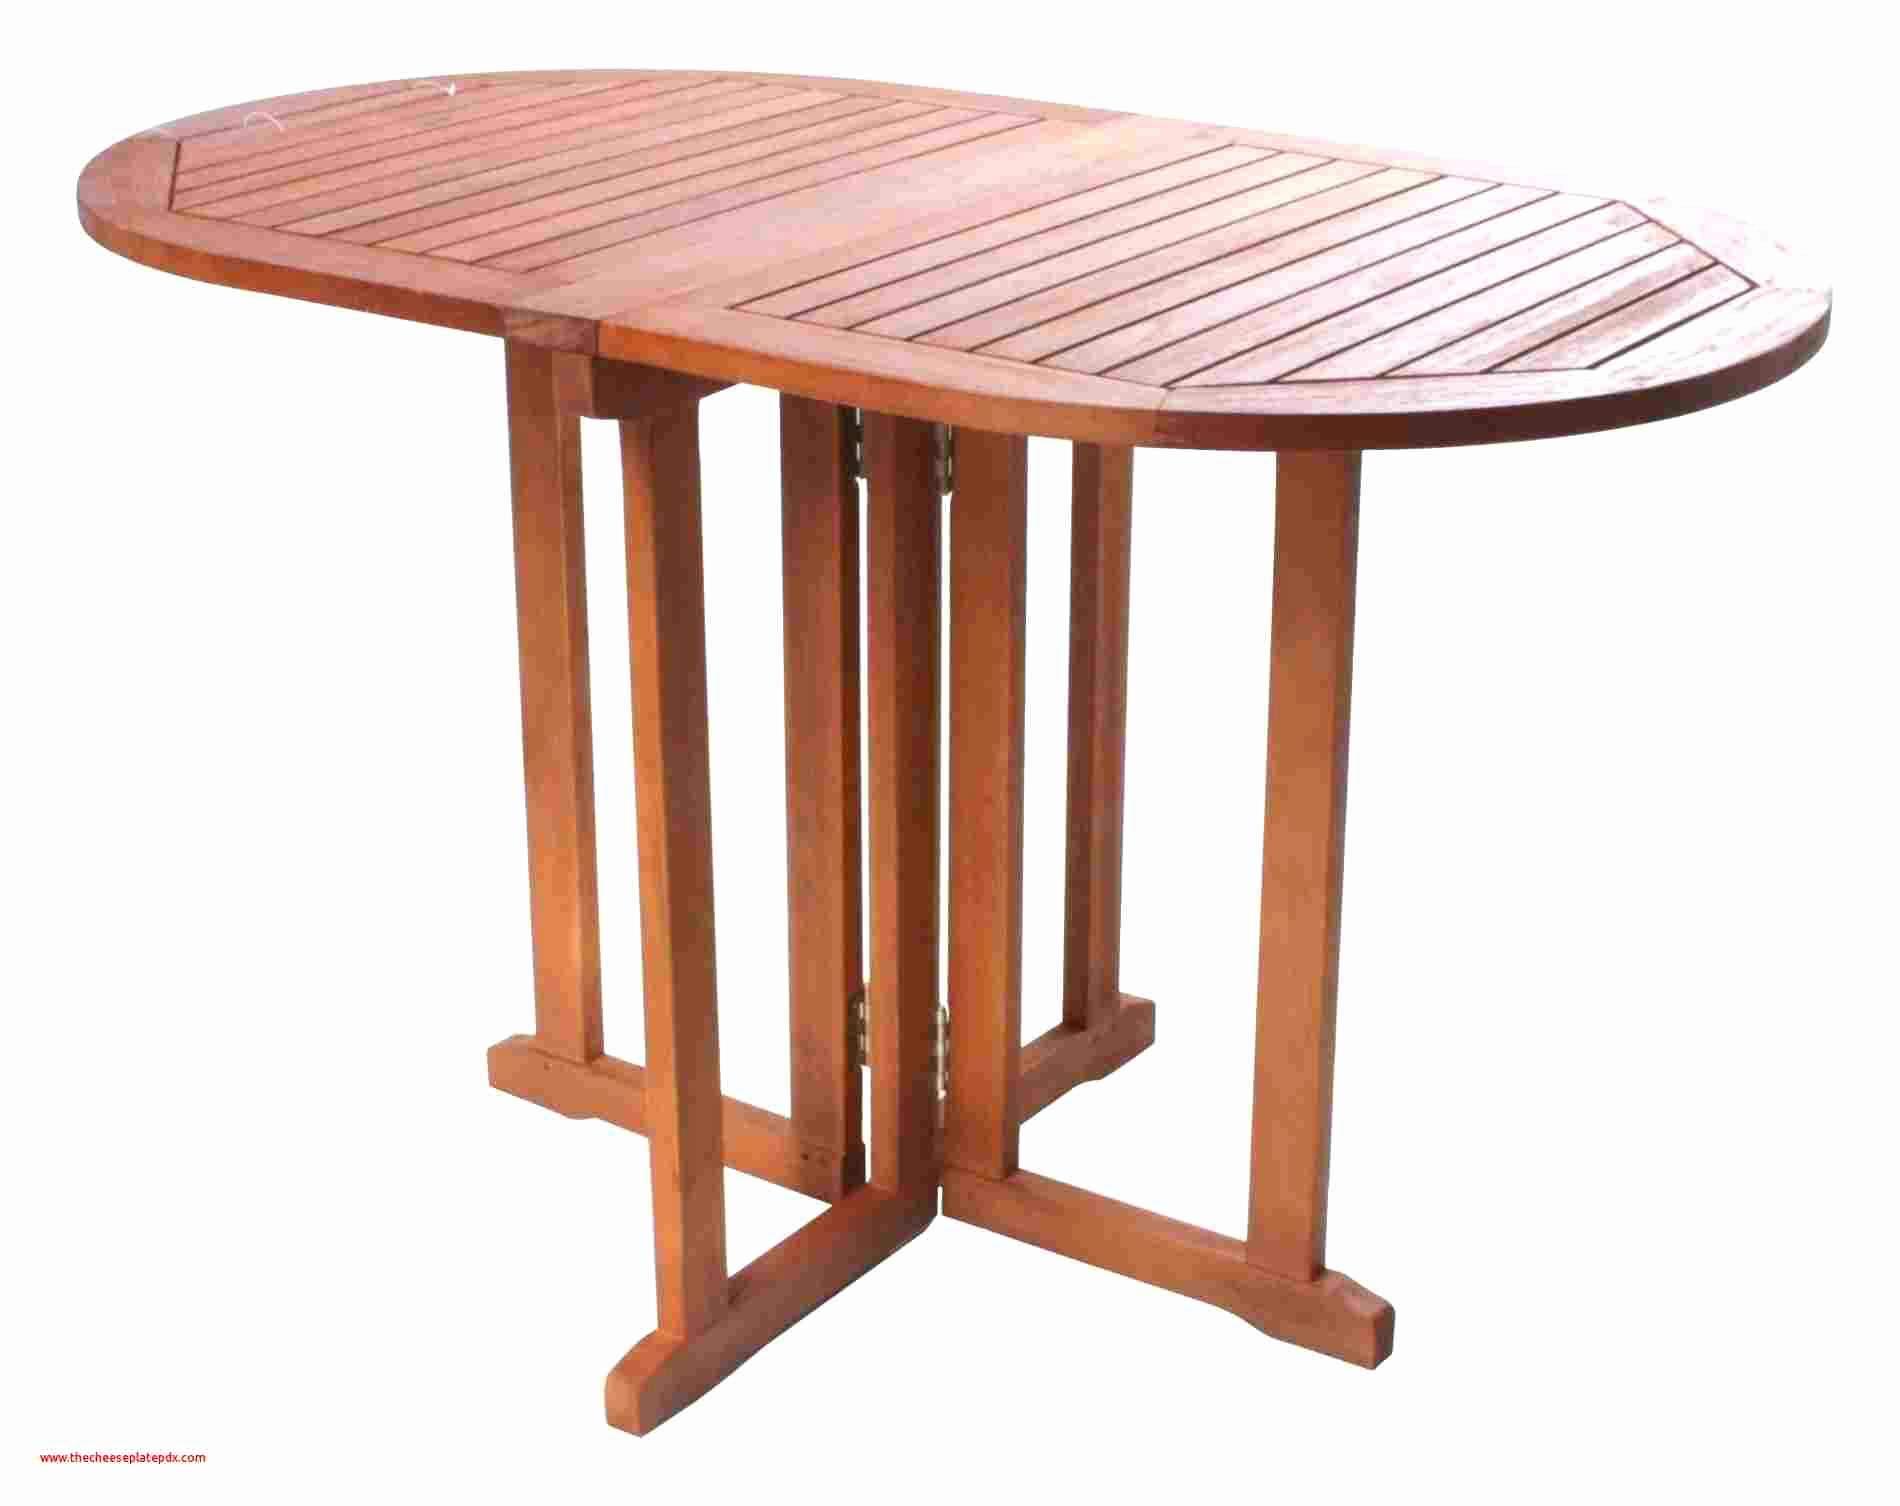 Garten Beistelltisch Holz Schön Beistelltisch Bett Im Garten Neu Cha C2 B6n Boxspringbett